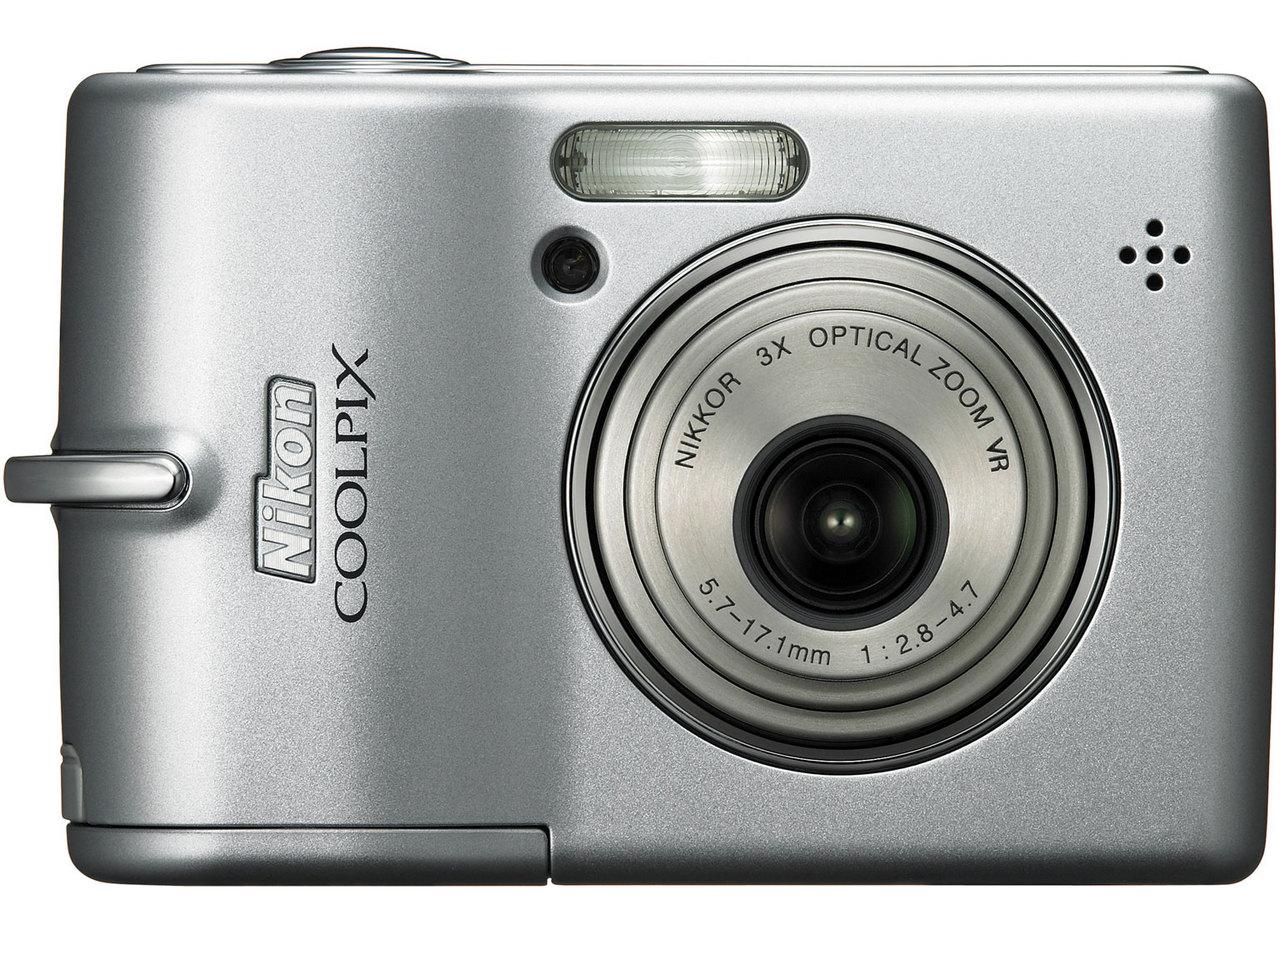 『本体 正面』 COOLPIX L12 の製品画像